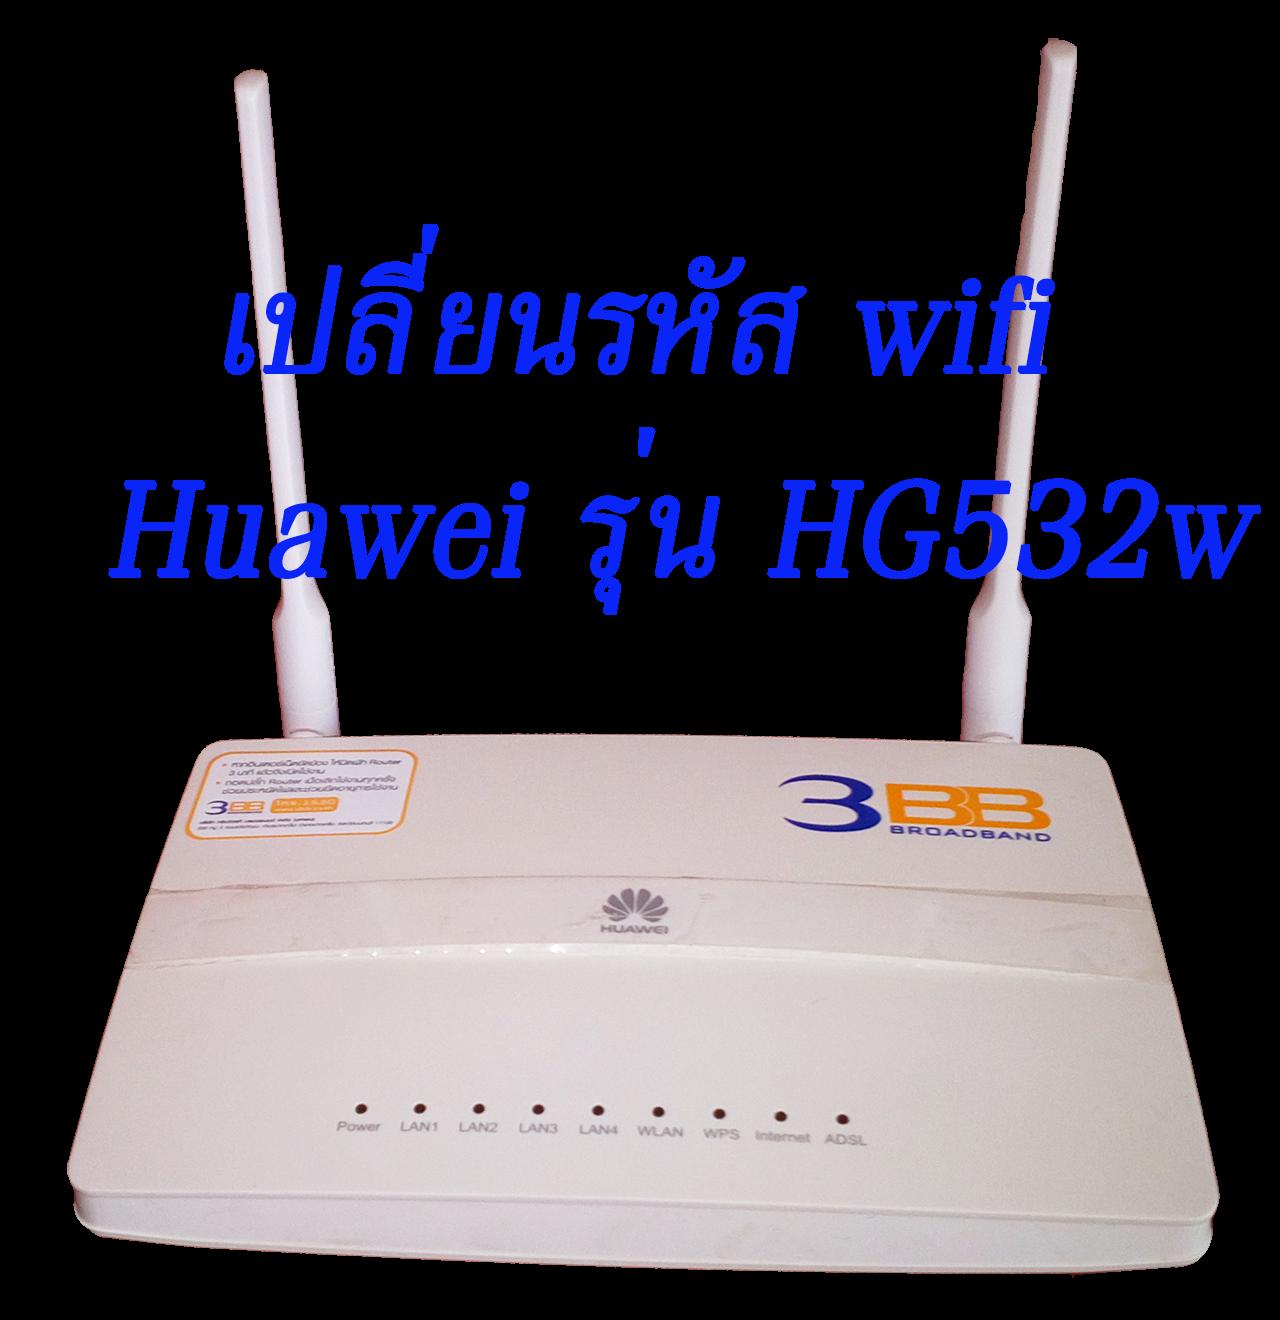 เปลี่ยนชื่อรหัส wifi เร้าเตอร์ Huawei รุ่น HG532w ของ 3bb